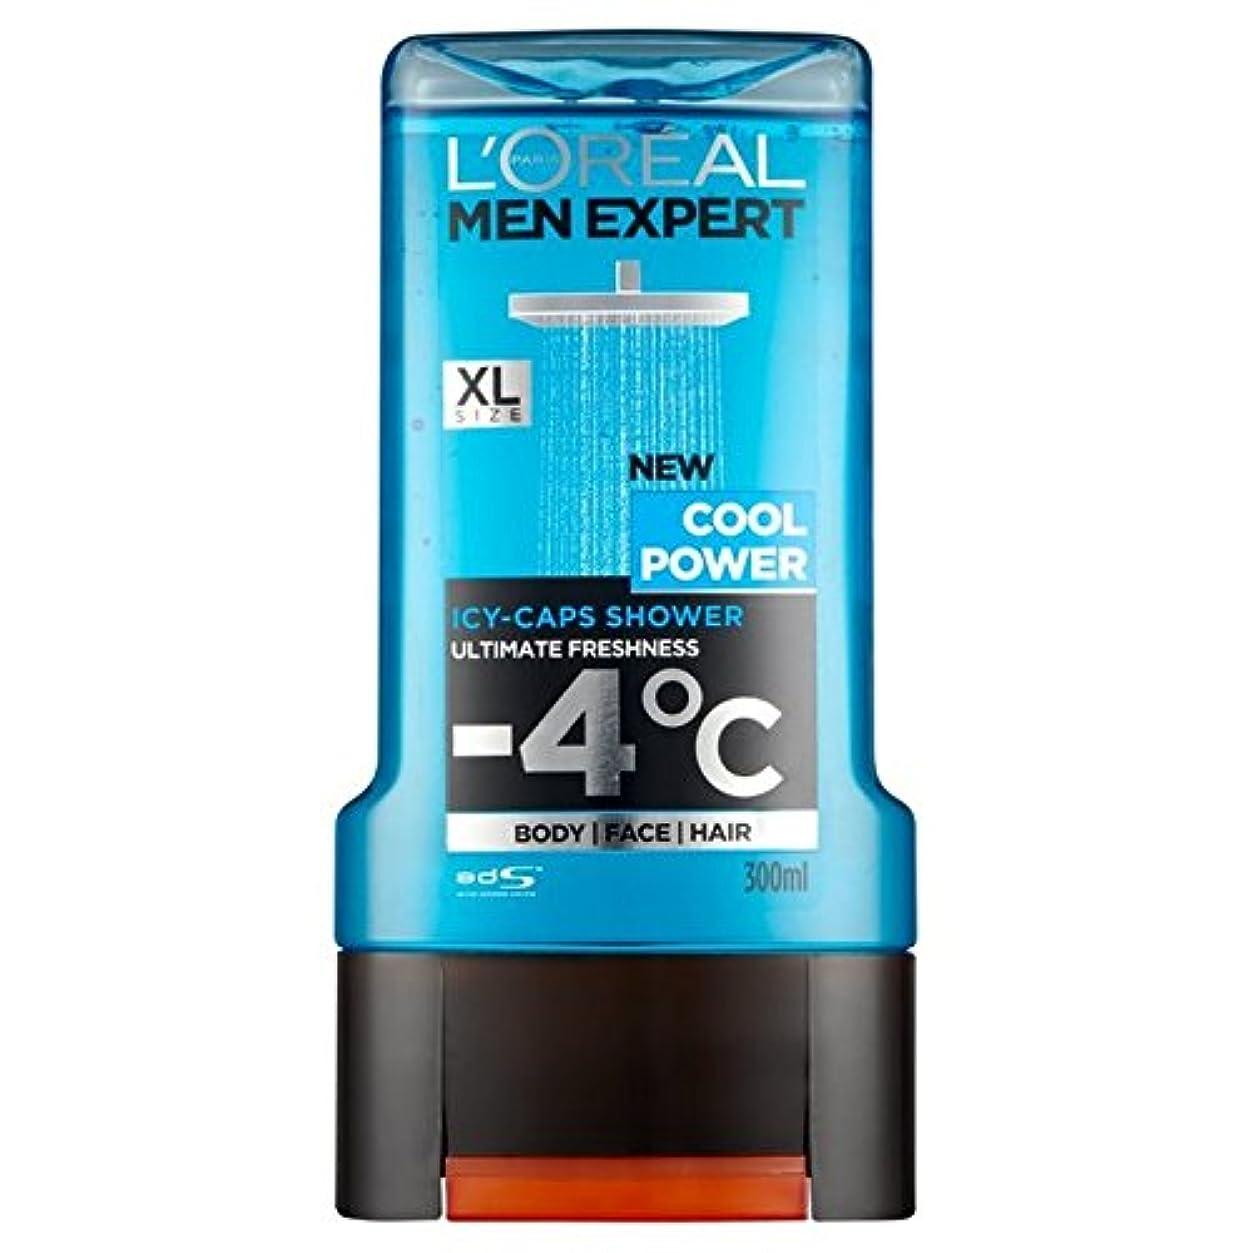 テレビオン放置ロレアルパリの男性の専門家のクールなパワーシャワージェル300ミリリットル x4 - L'Oreal Paris Men Expert Cool Power Shower Gel 300ml (Pack of 4) [並行輸入品]